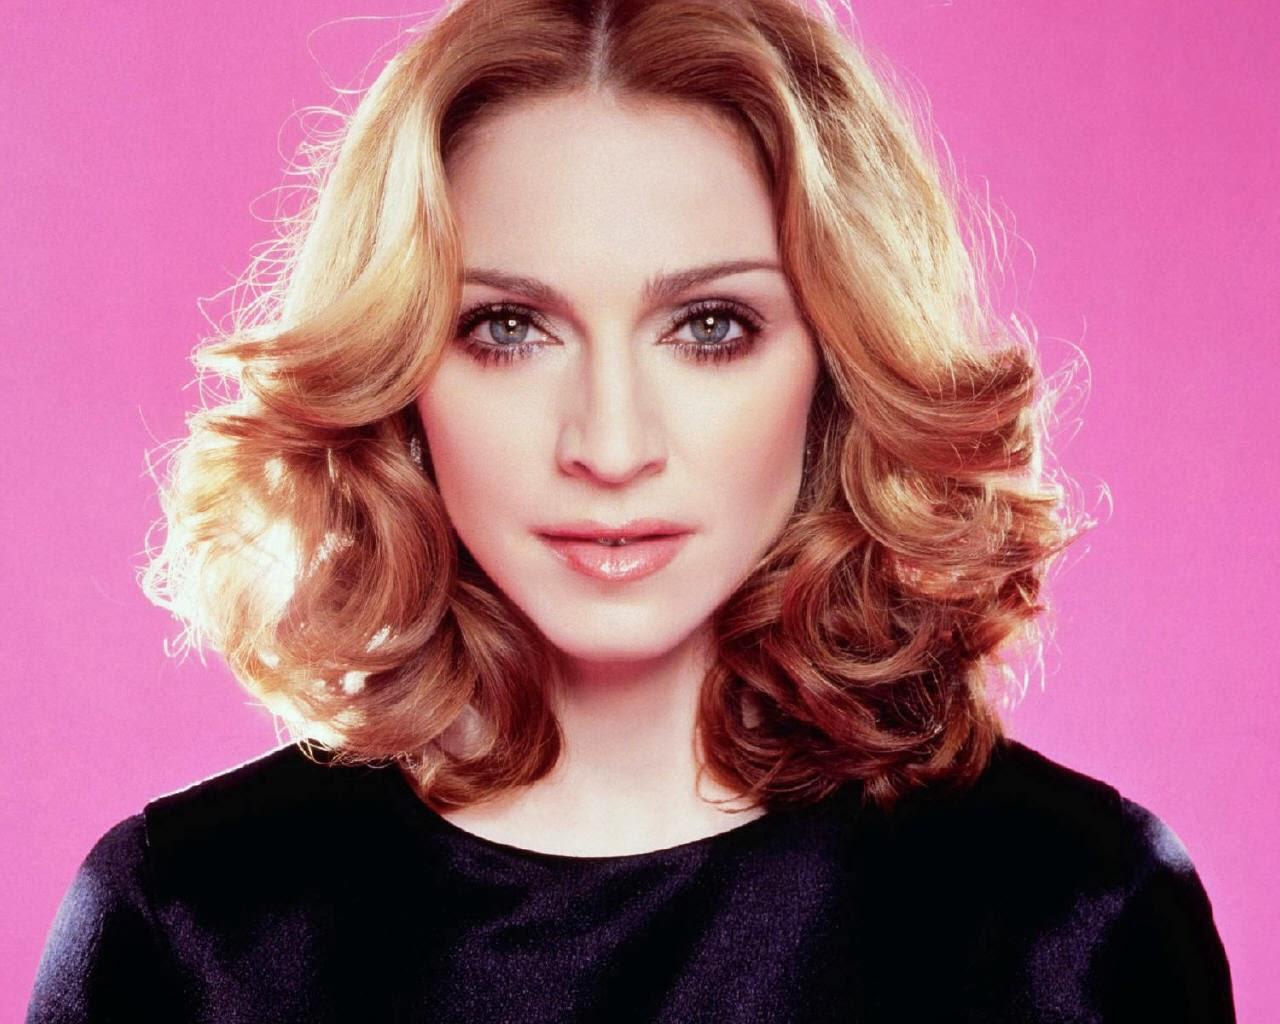 Daftar 10 Lagu Terbaik Madonna